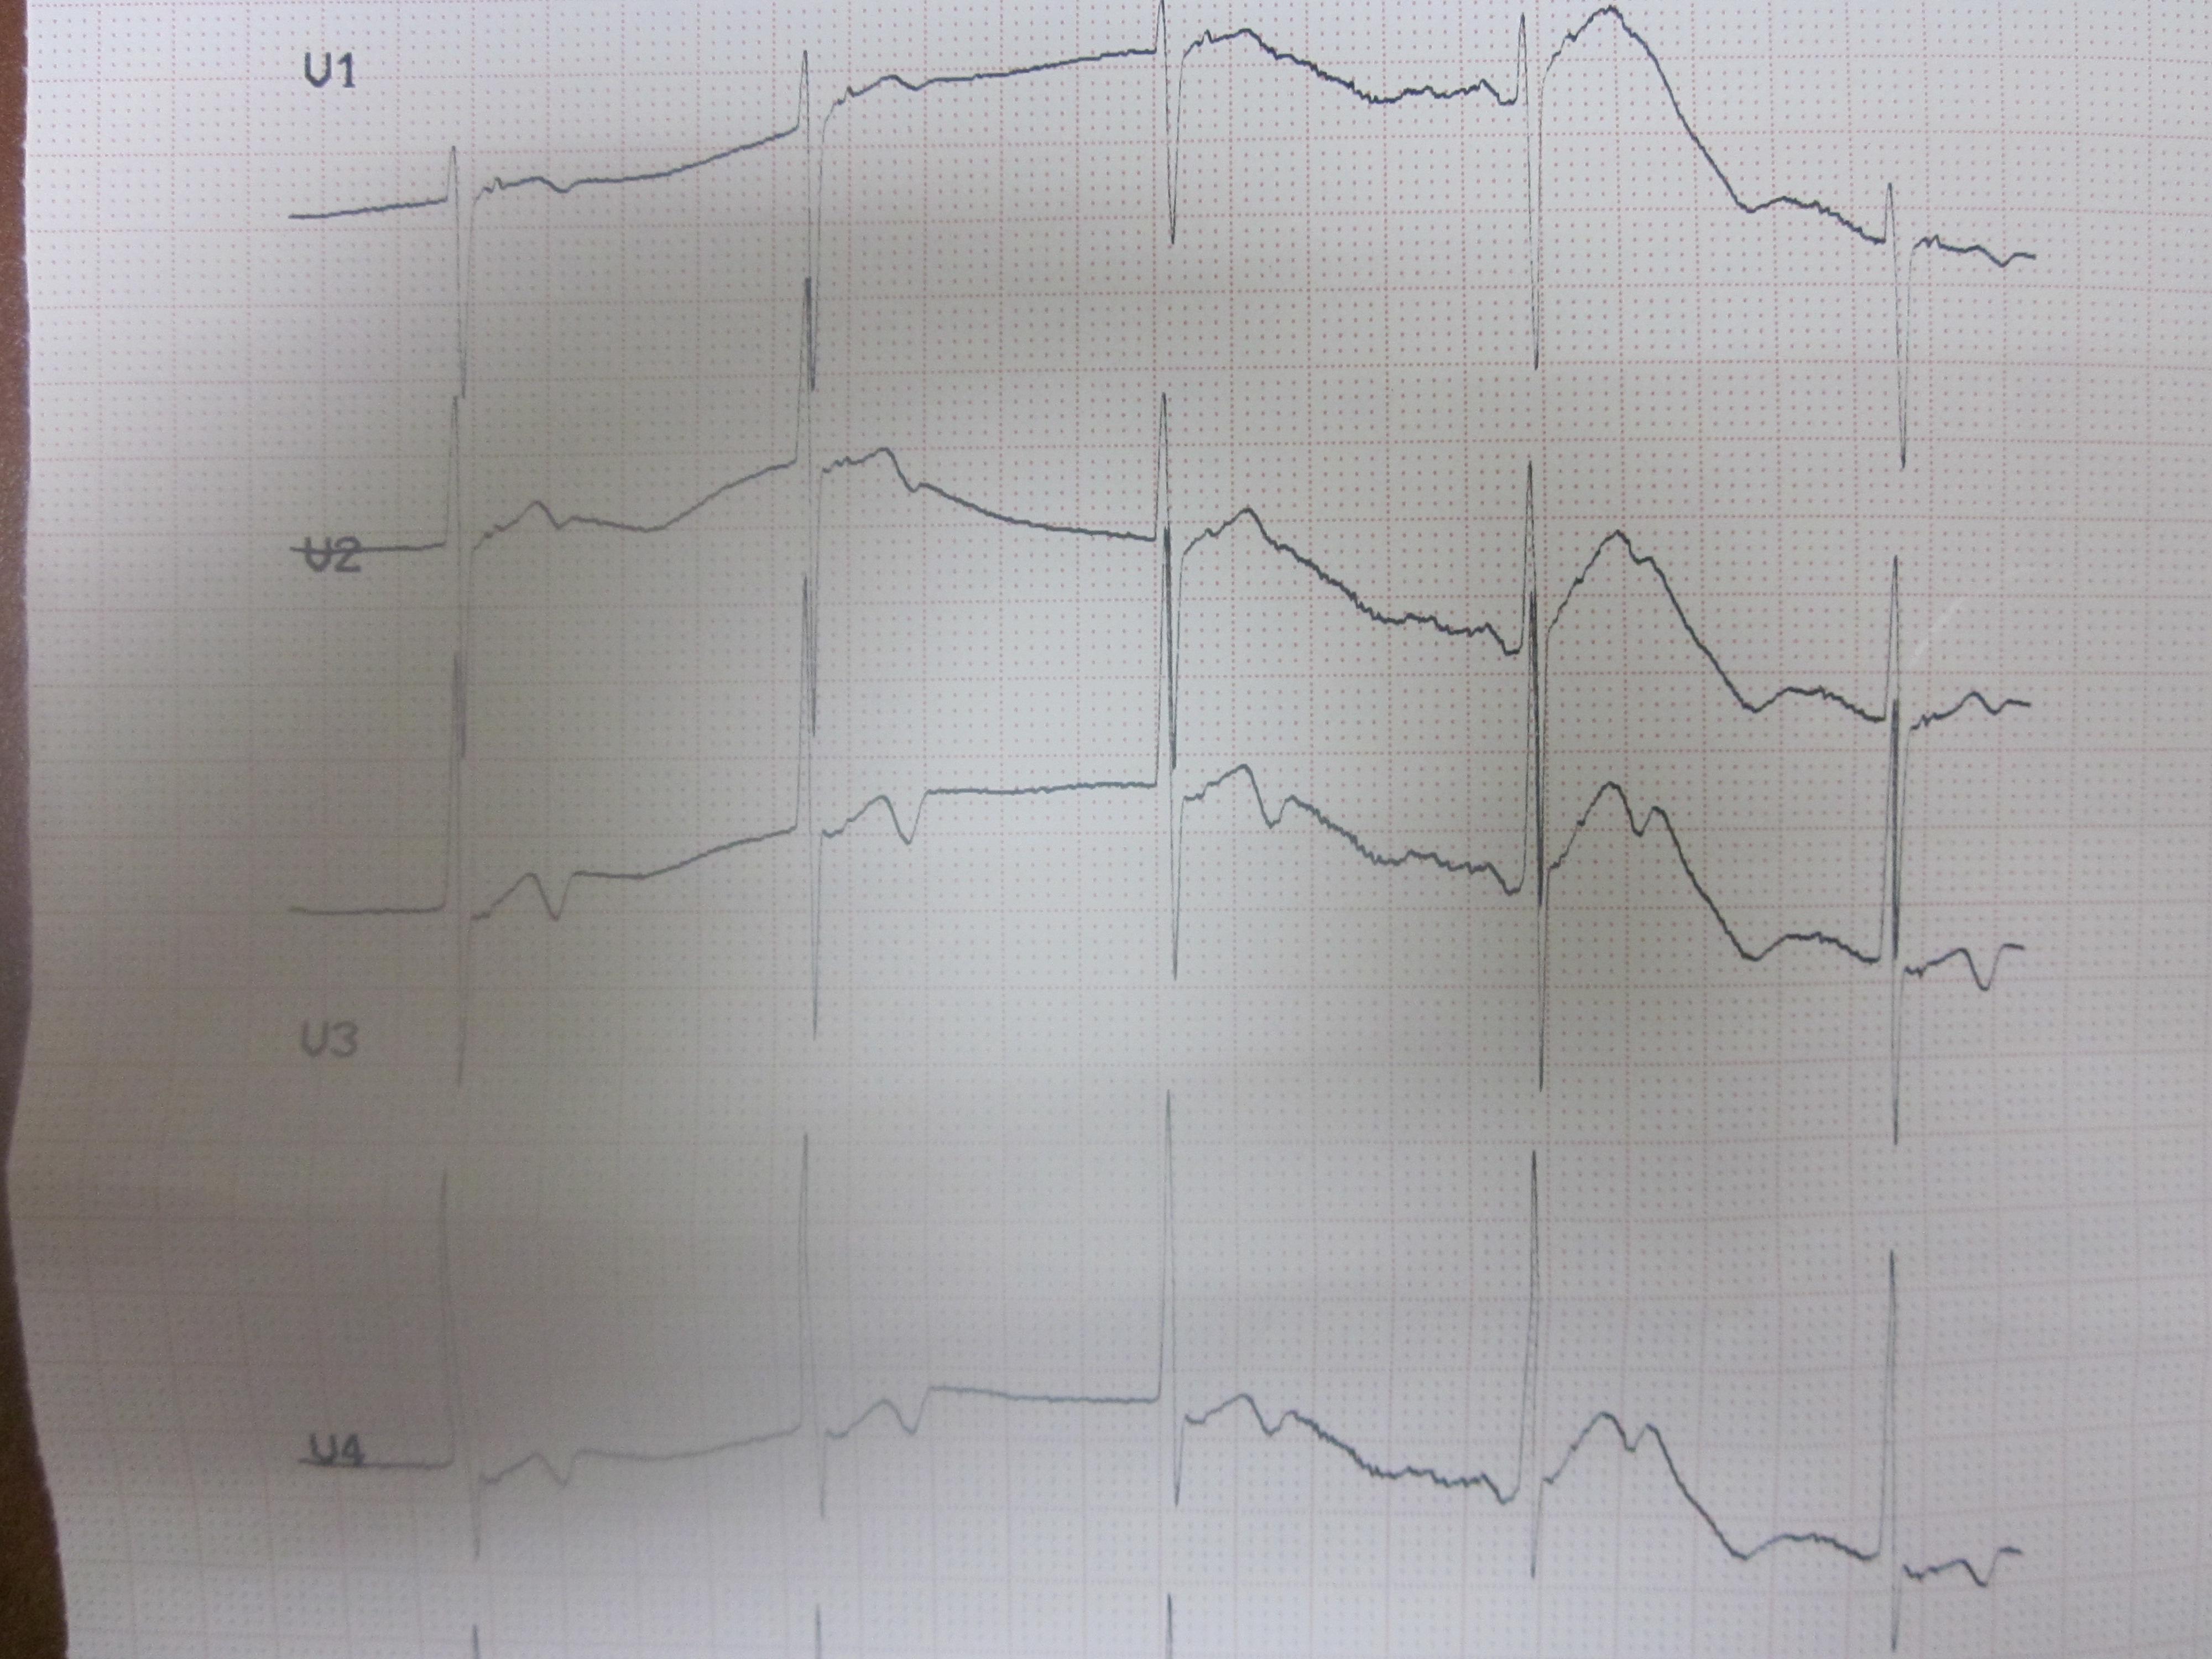 大家看看这是逆行的P波还是Epsilon波 心电图脑电图专业讨论版 爱爱医医学论坛